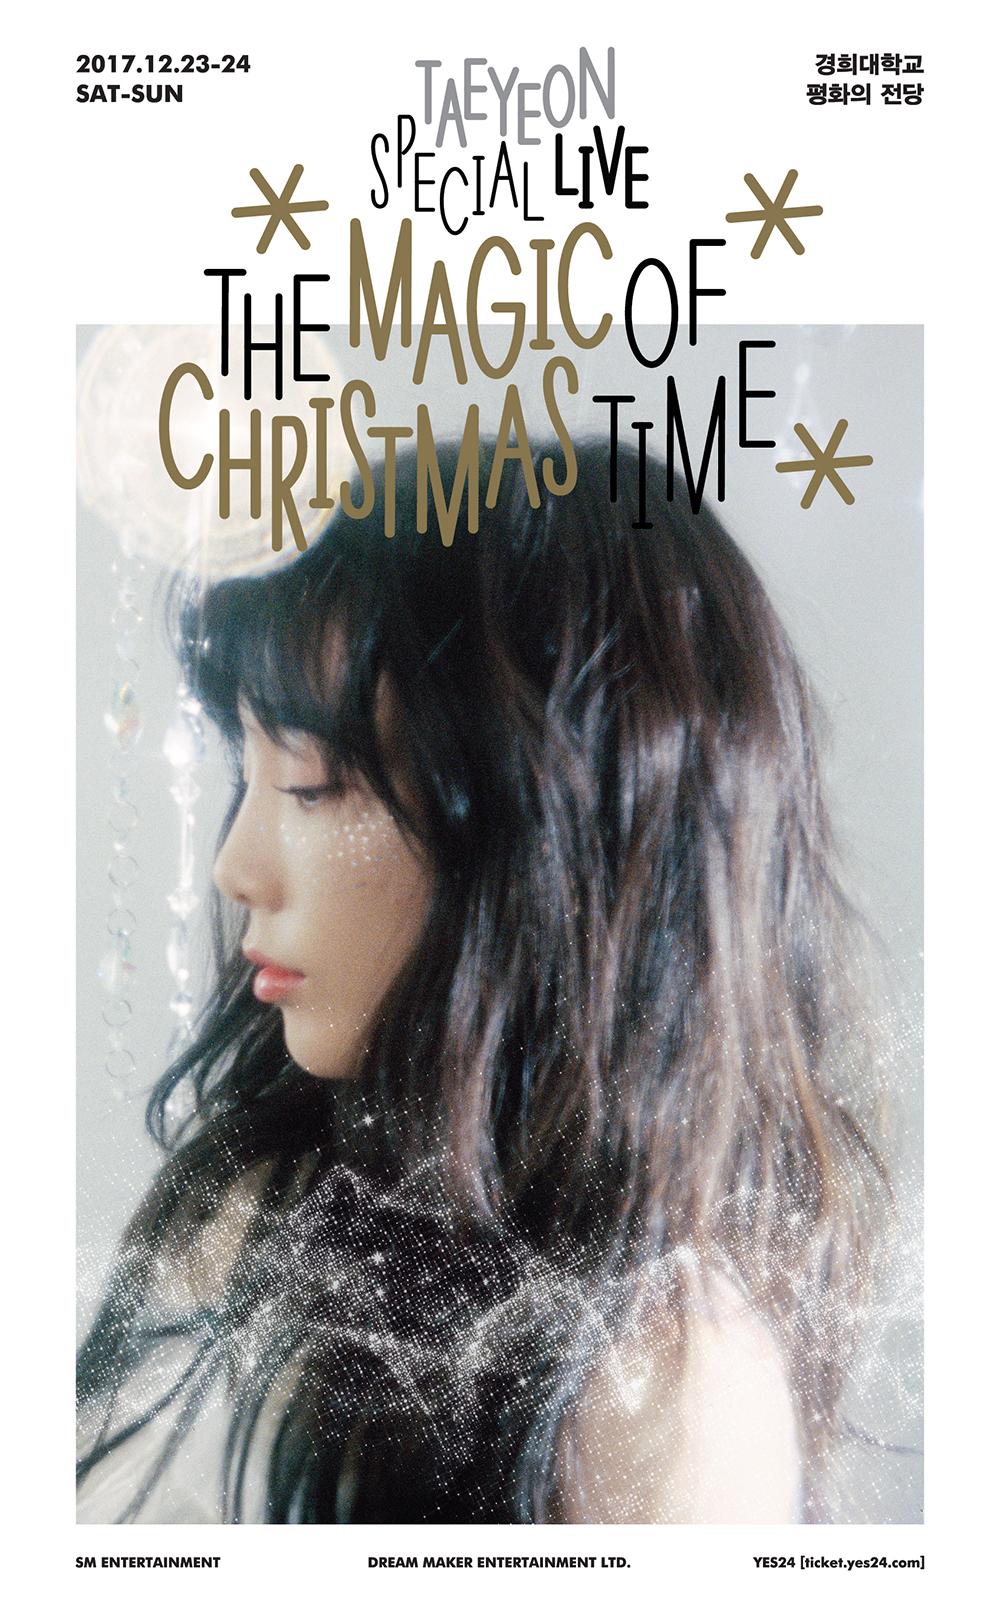 万能歌手太妍 12月23~24举办圣诞节特别公演